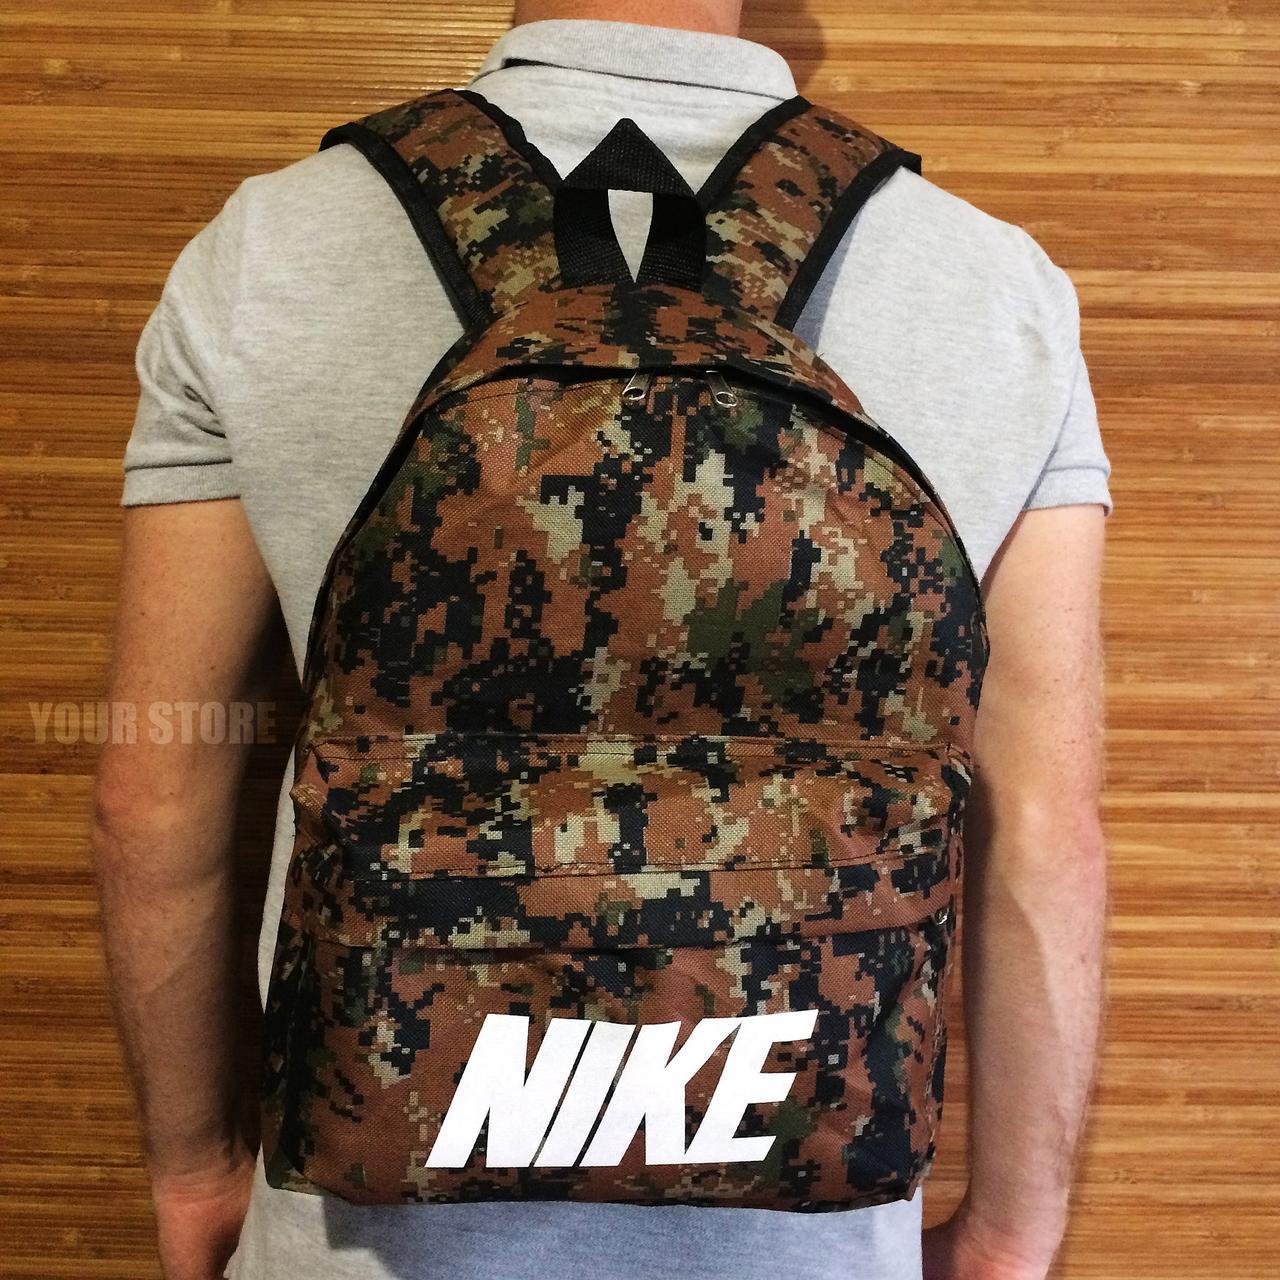 eaf386899207 Городской рюкзак Nike пиксельный, цена 285 грн., купить в Днепре ...